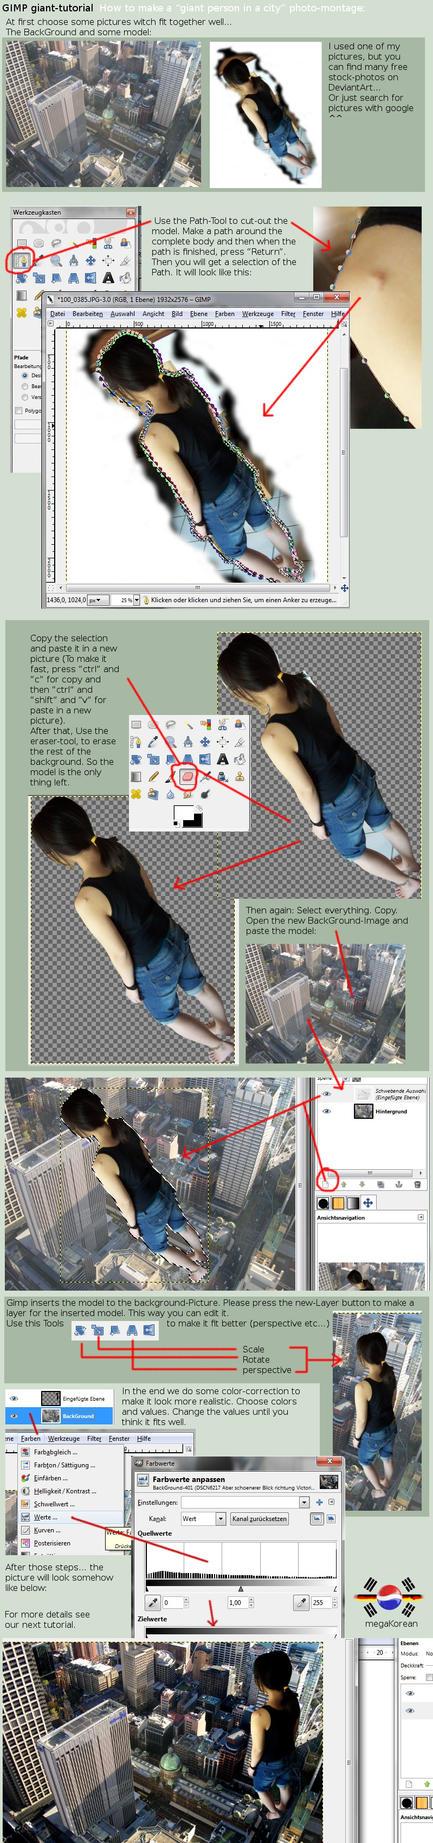 gimp giant-manip tutorial 01 by megakorean